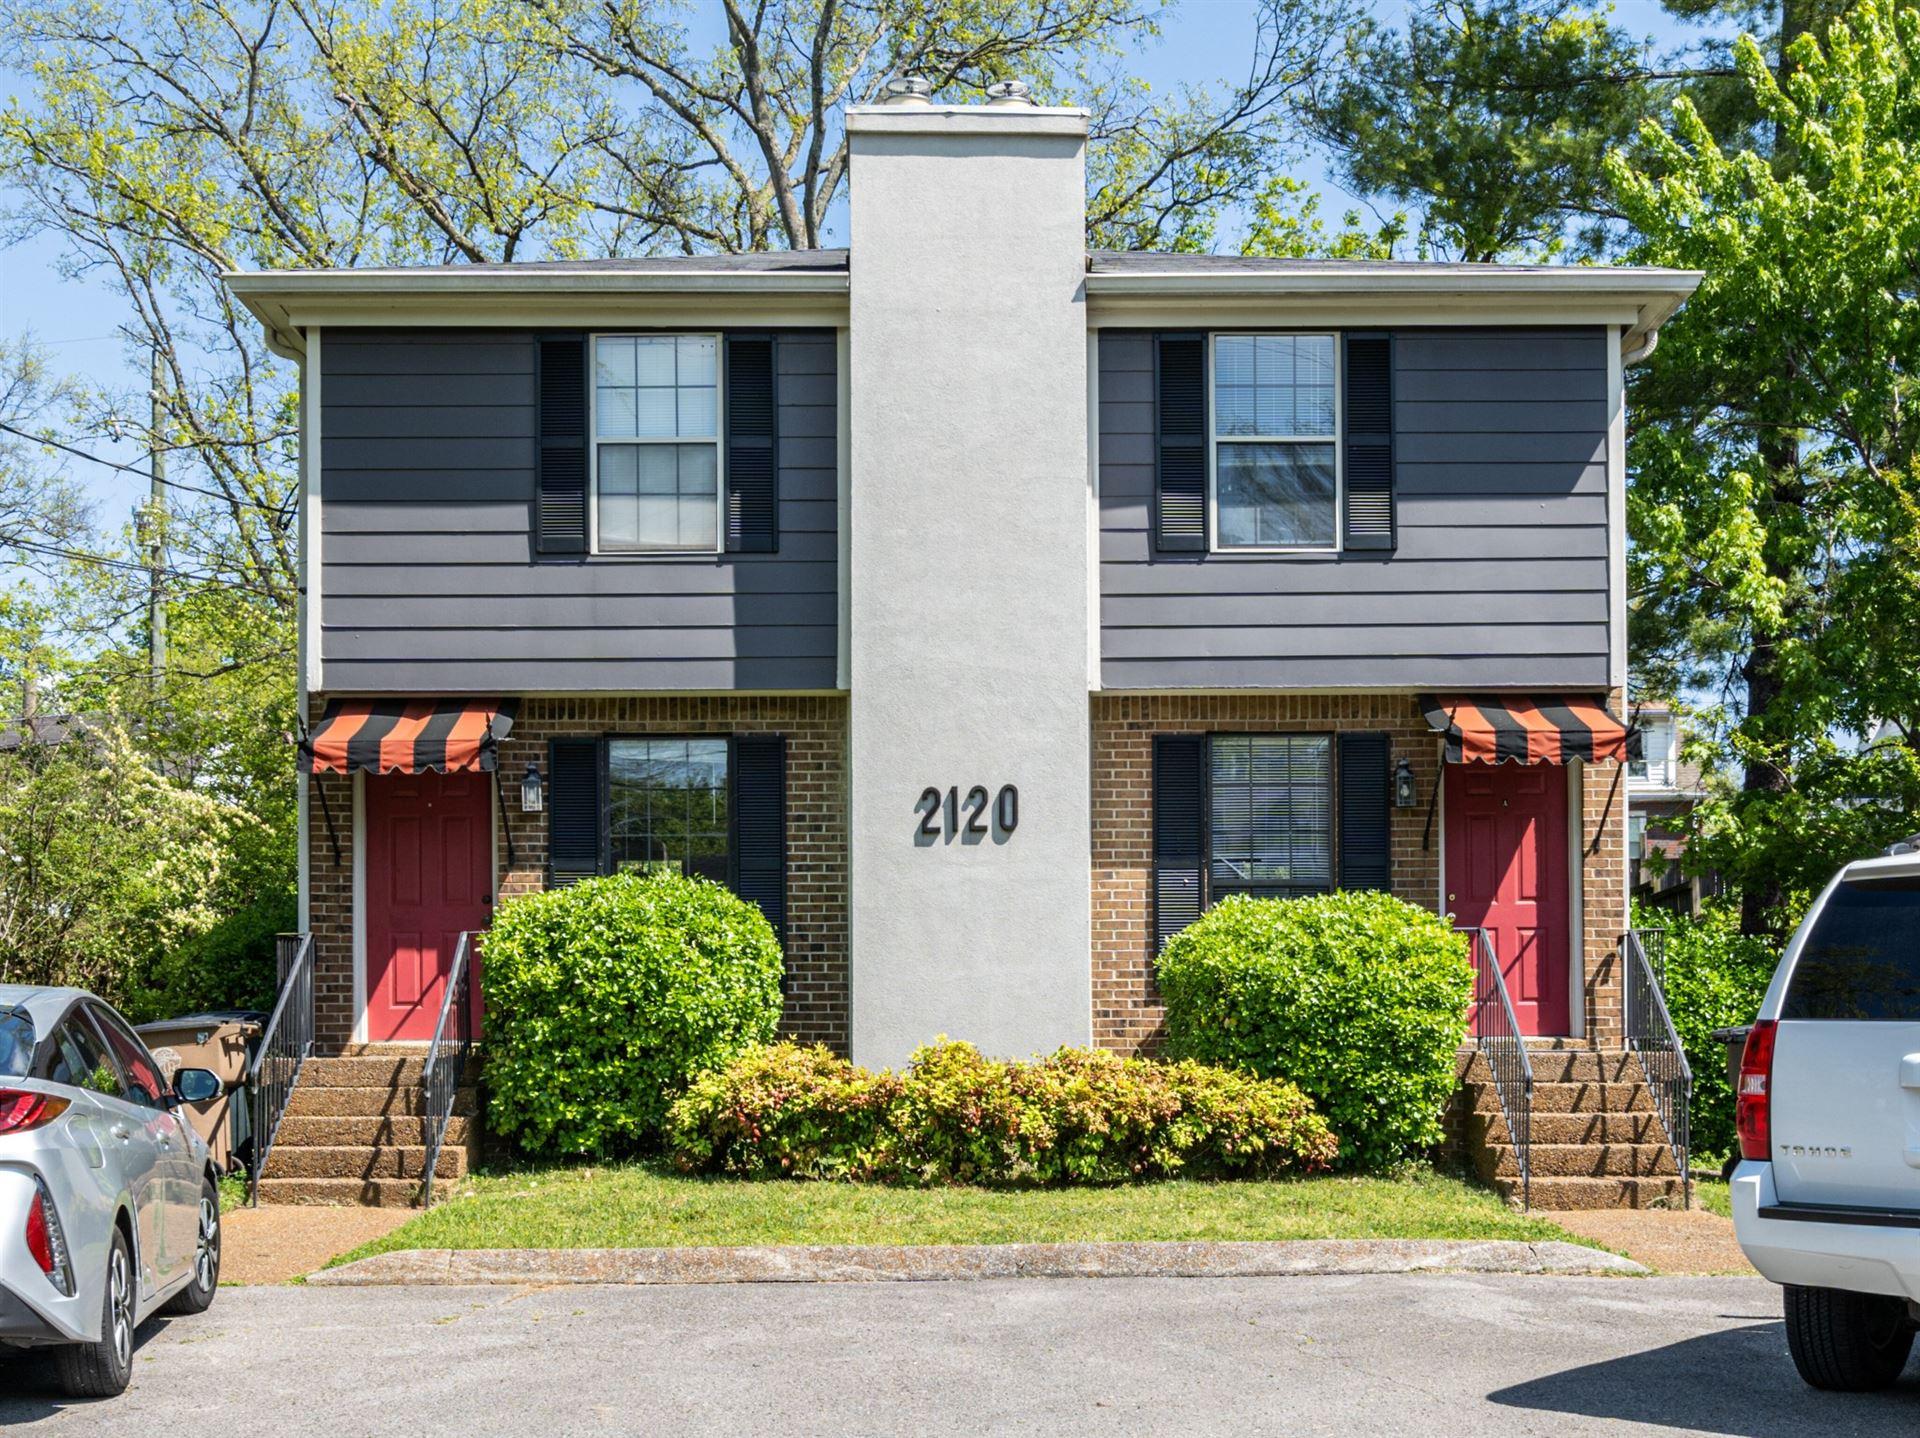 2120 W Linden Ave, Nashville, TN 37212 - MLS#: 2249017